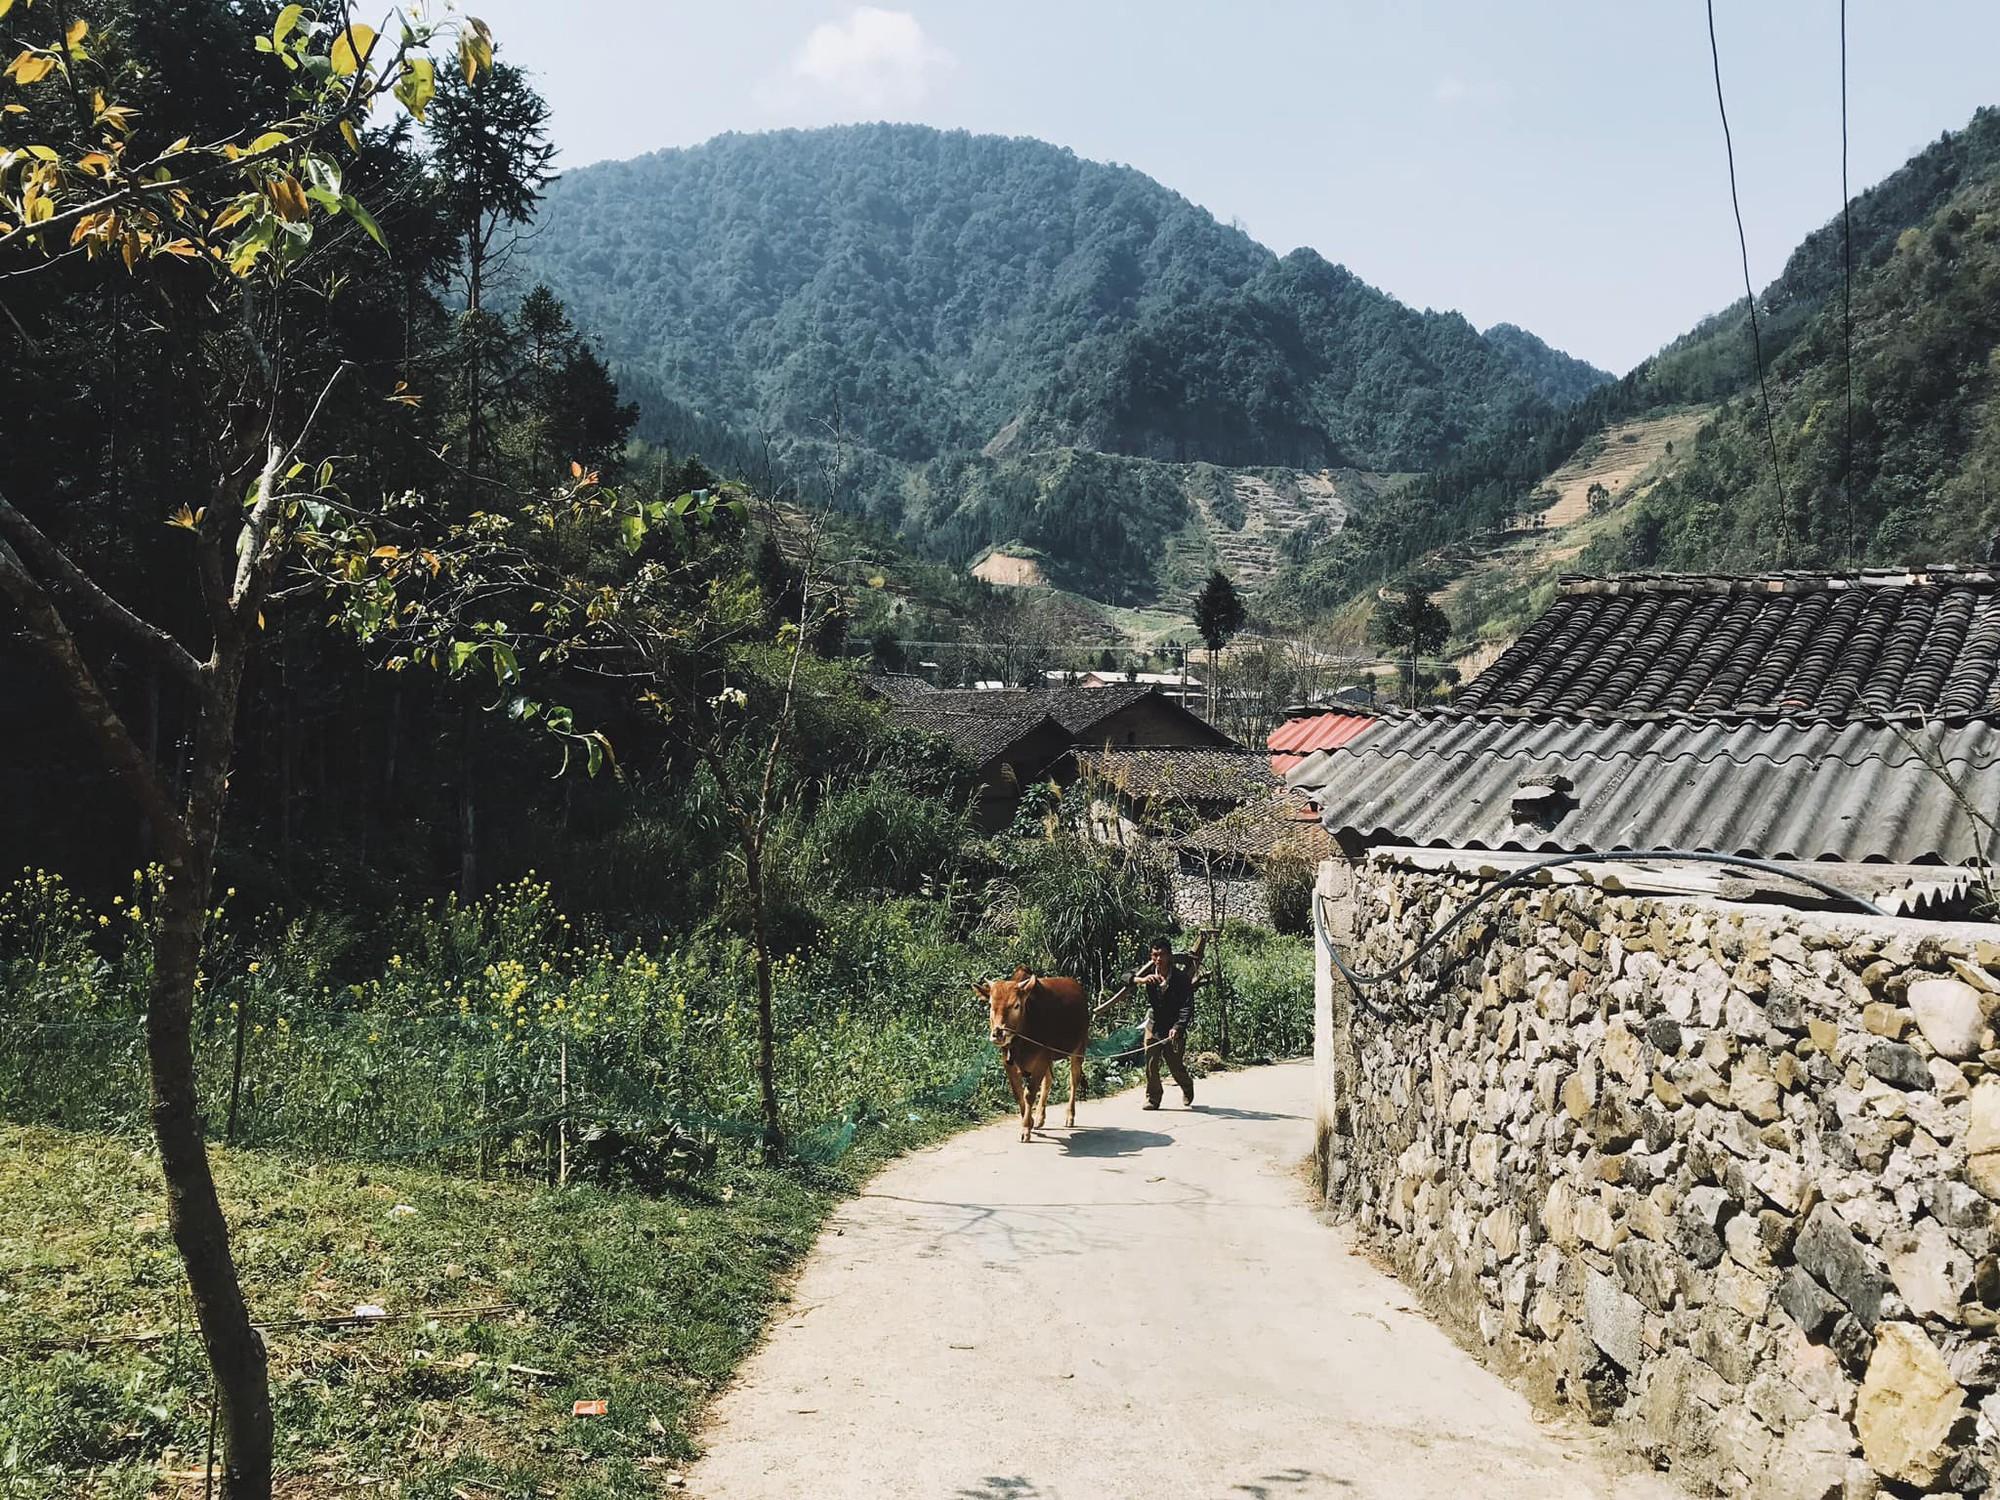 Du lịch gia đình trong 3 ngày vào mùa hè nên đi Hà Giang hay Mộc Châu? - Ảnh 3.